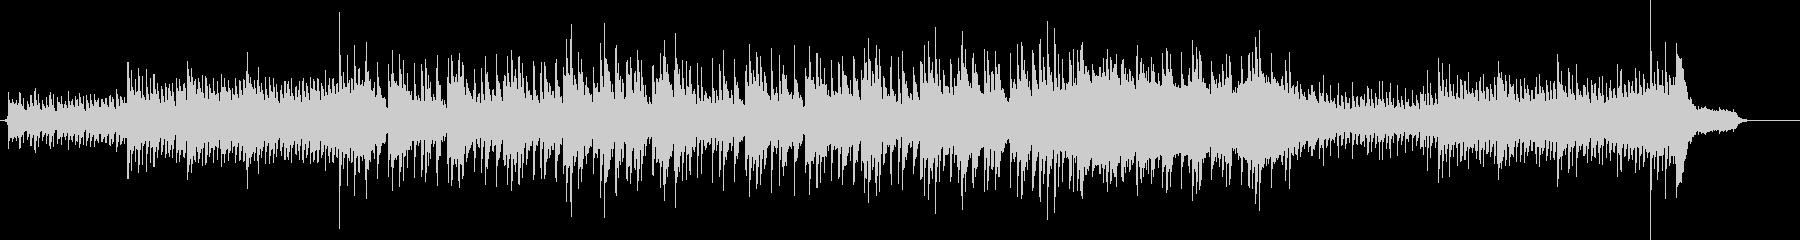 幻想的なイメージのミディアム・バラードの未再生の波形